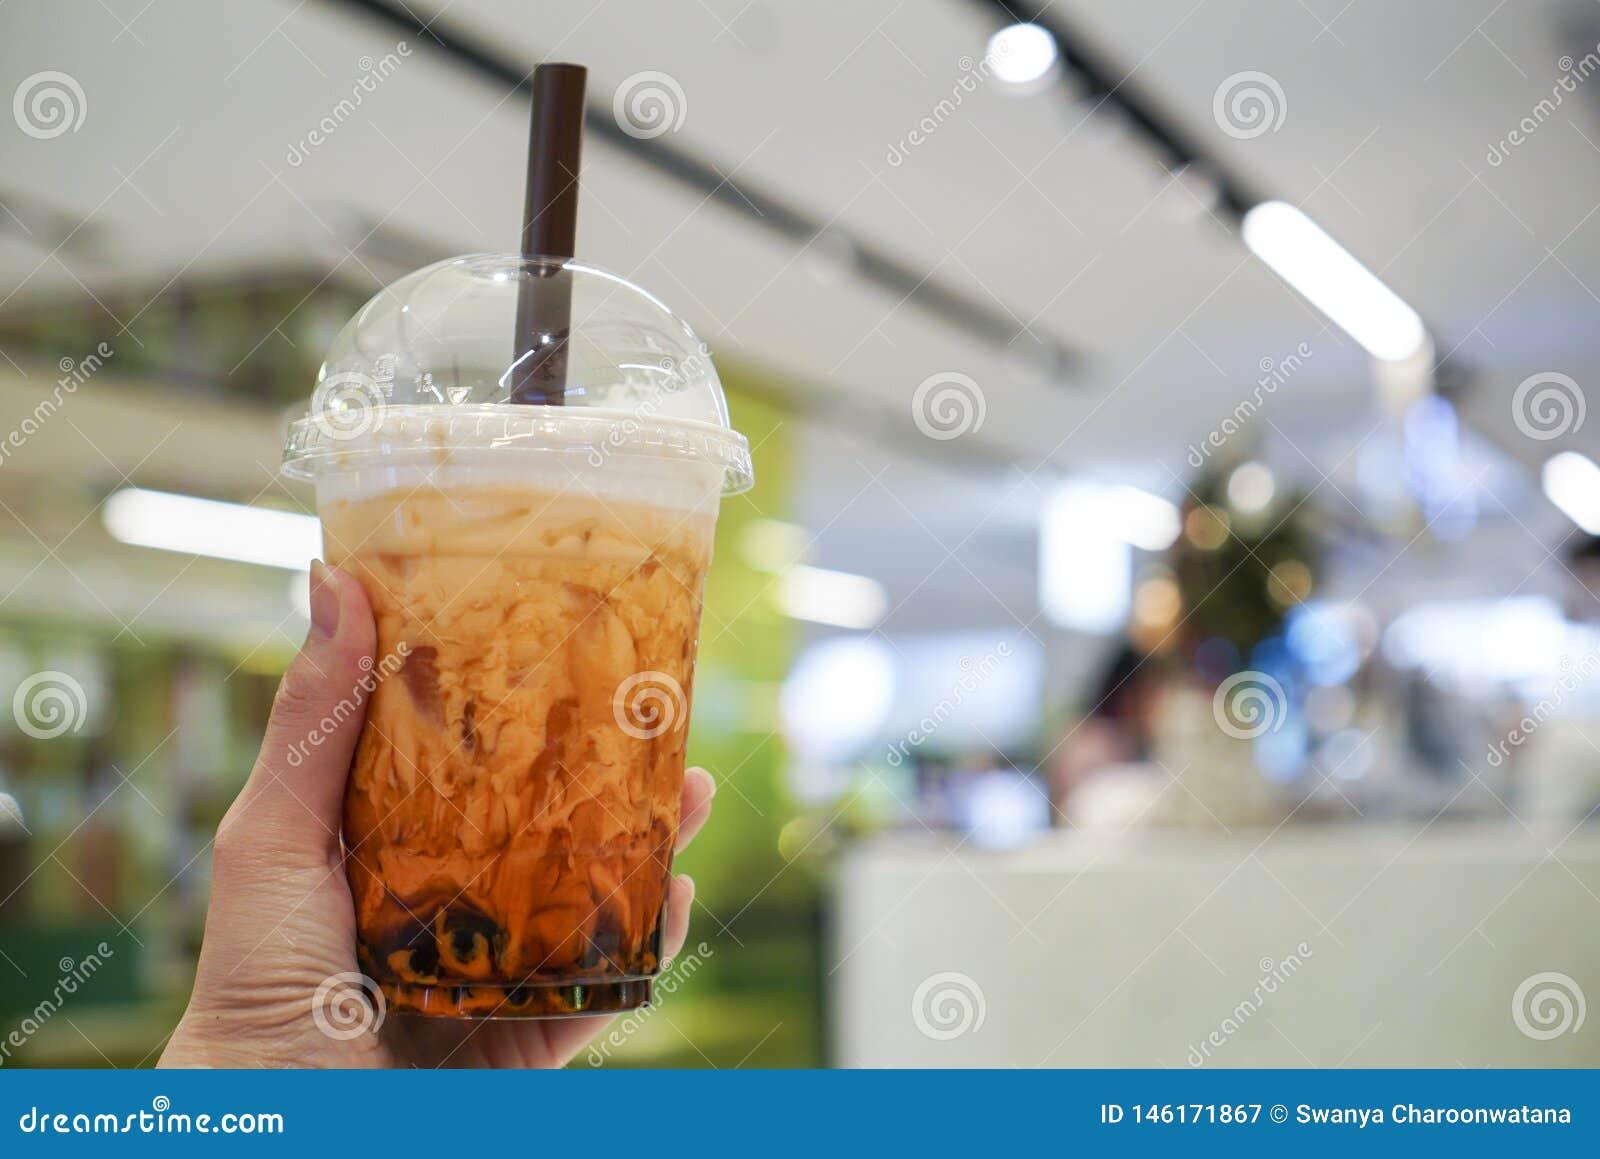 T? tailandese con zucchero bruno e la bolla